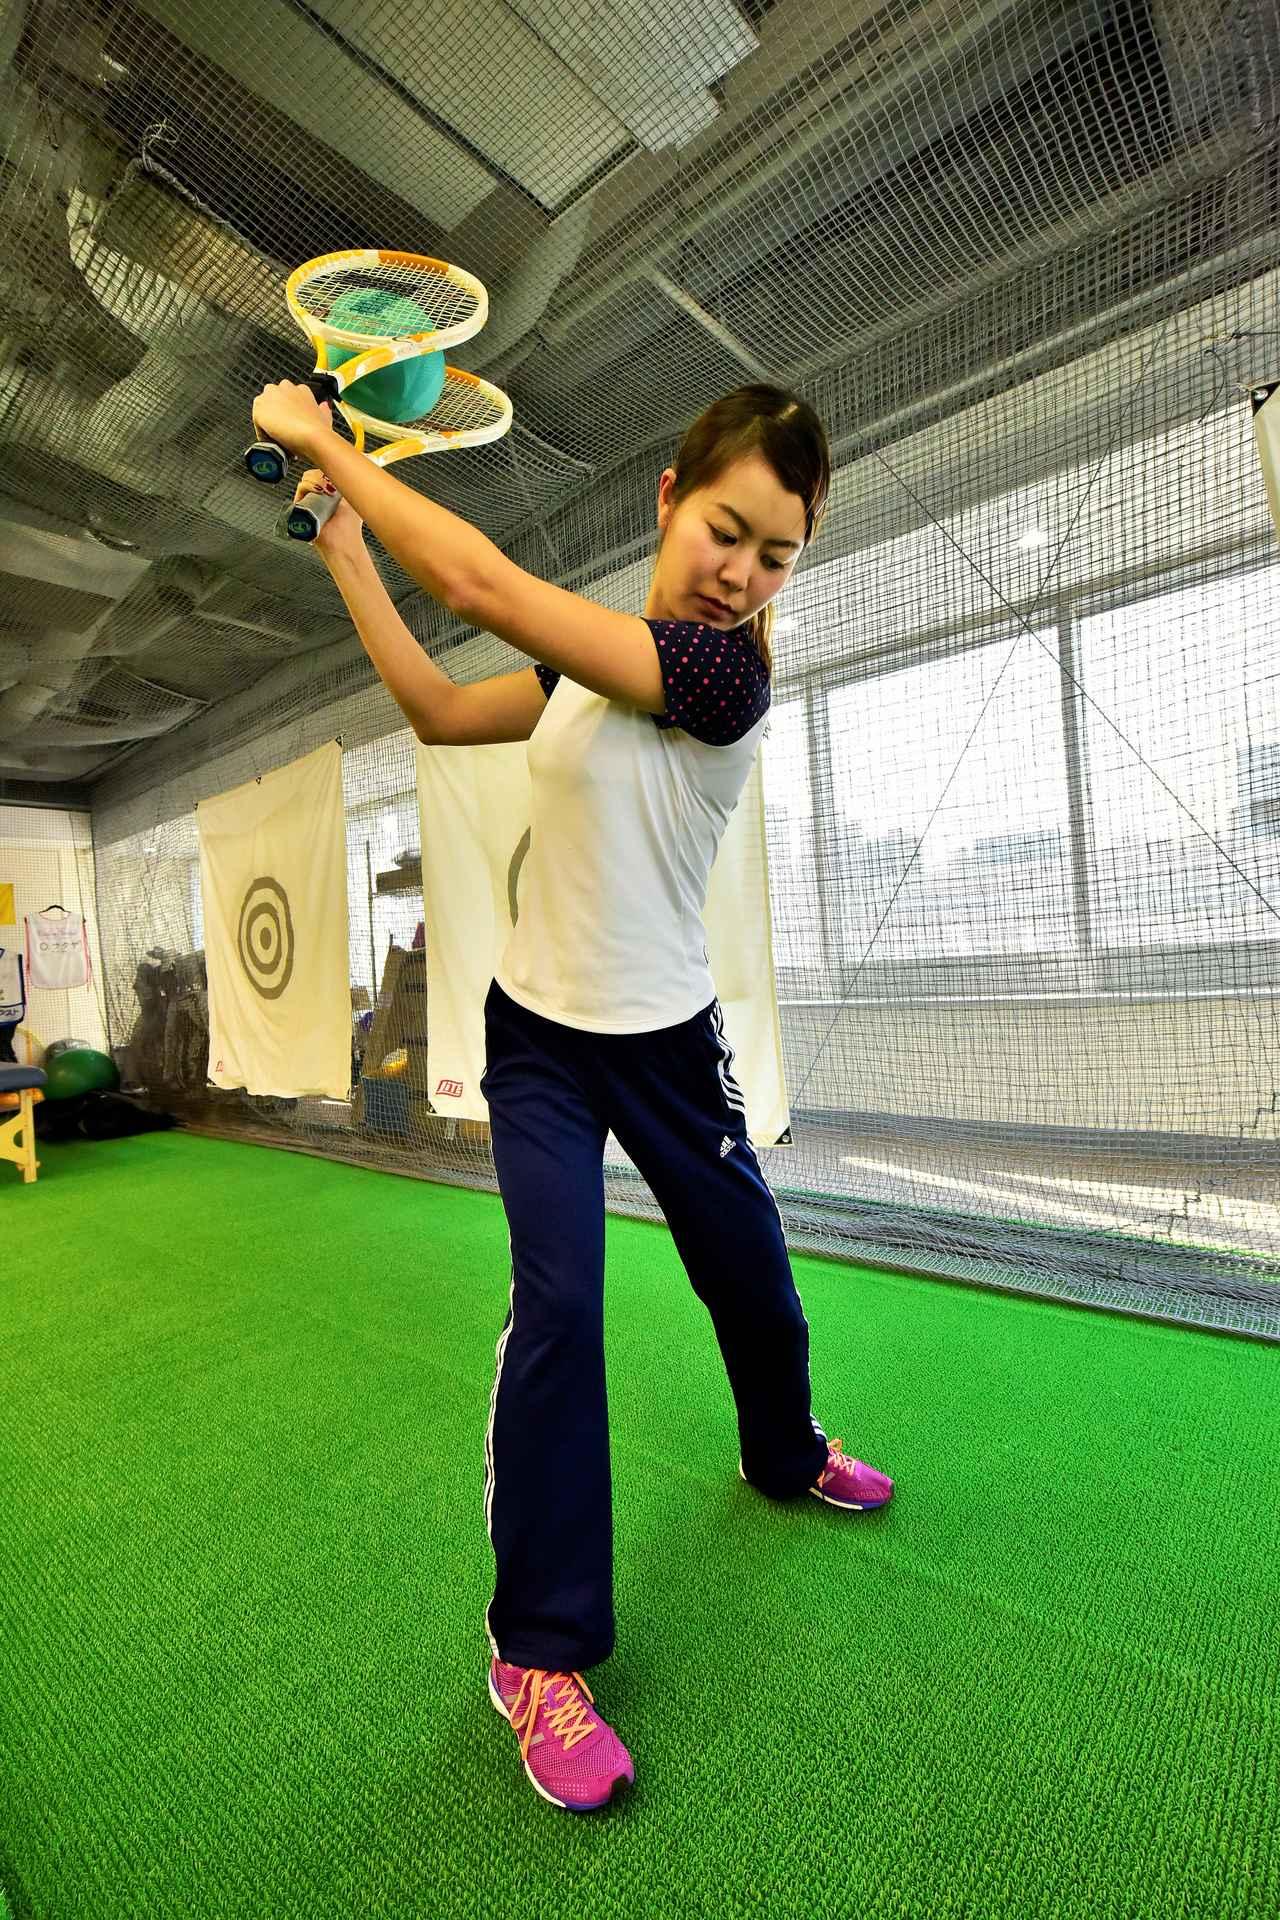 画像: 2本のテニスラケットで挟んだボールを落とさないように素振りを行う